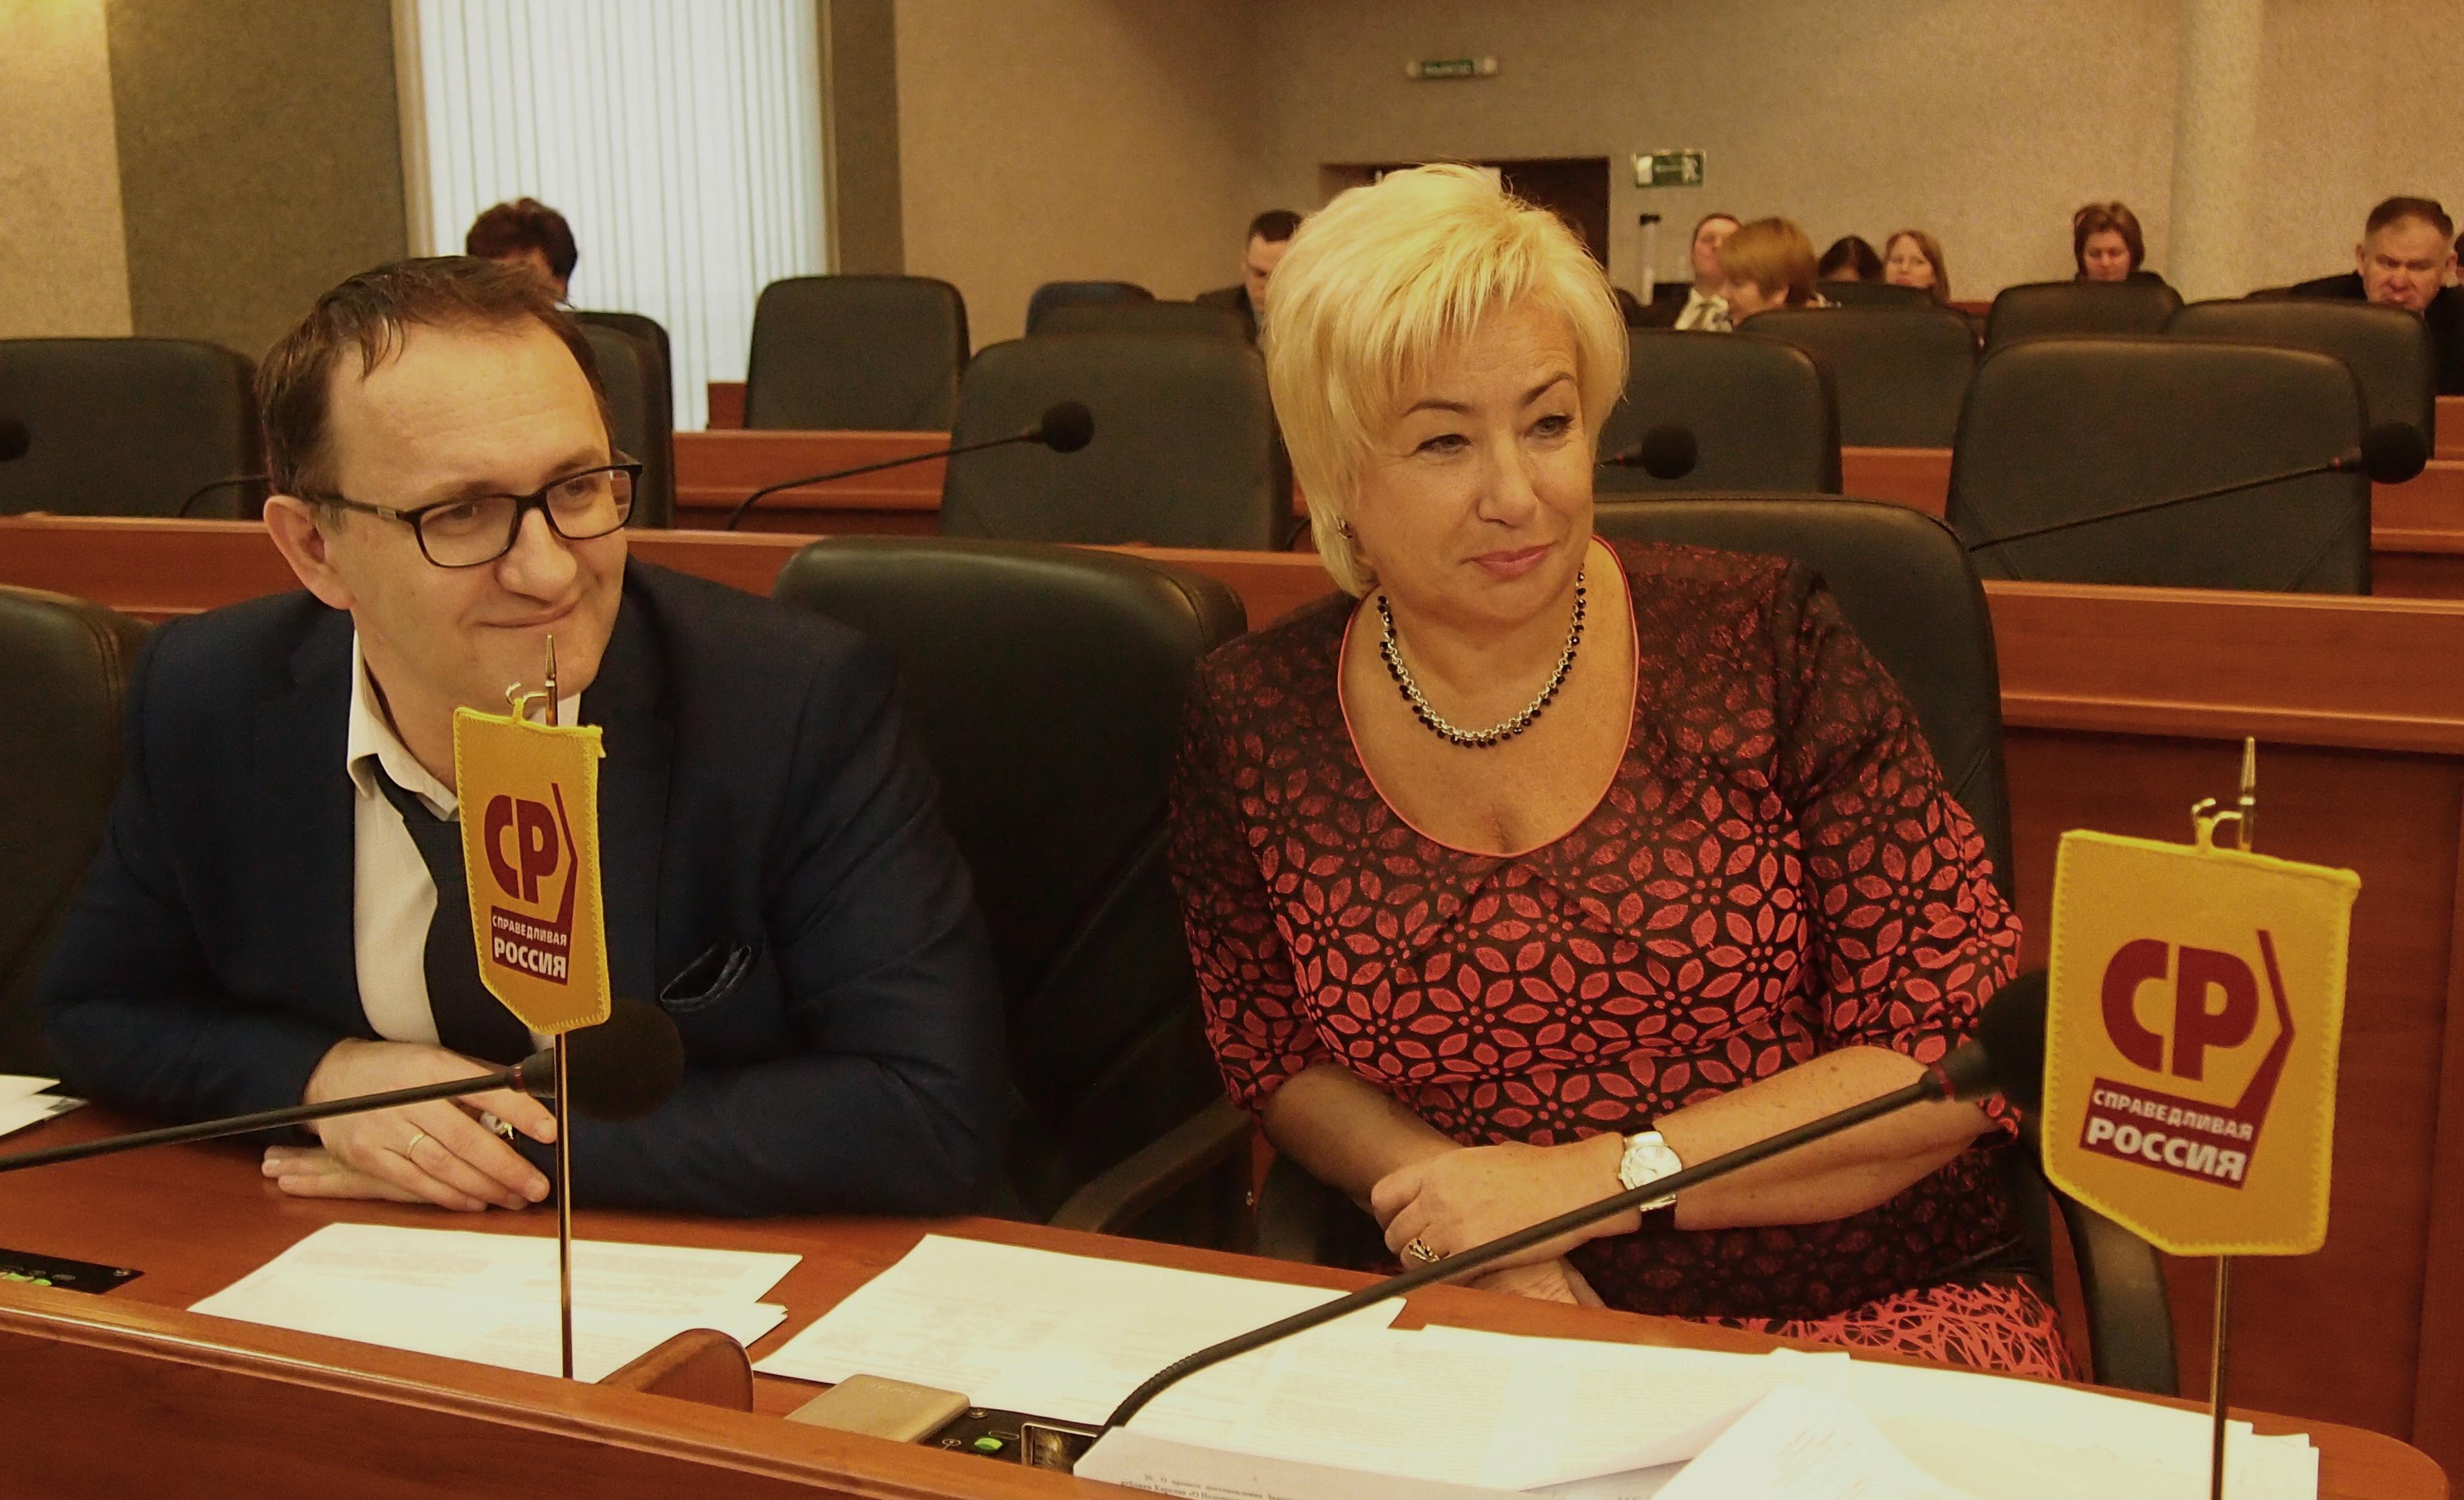 Александр Федичев и Ирина Петеляева. Фото: Валерий Поташов